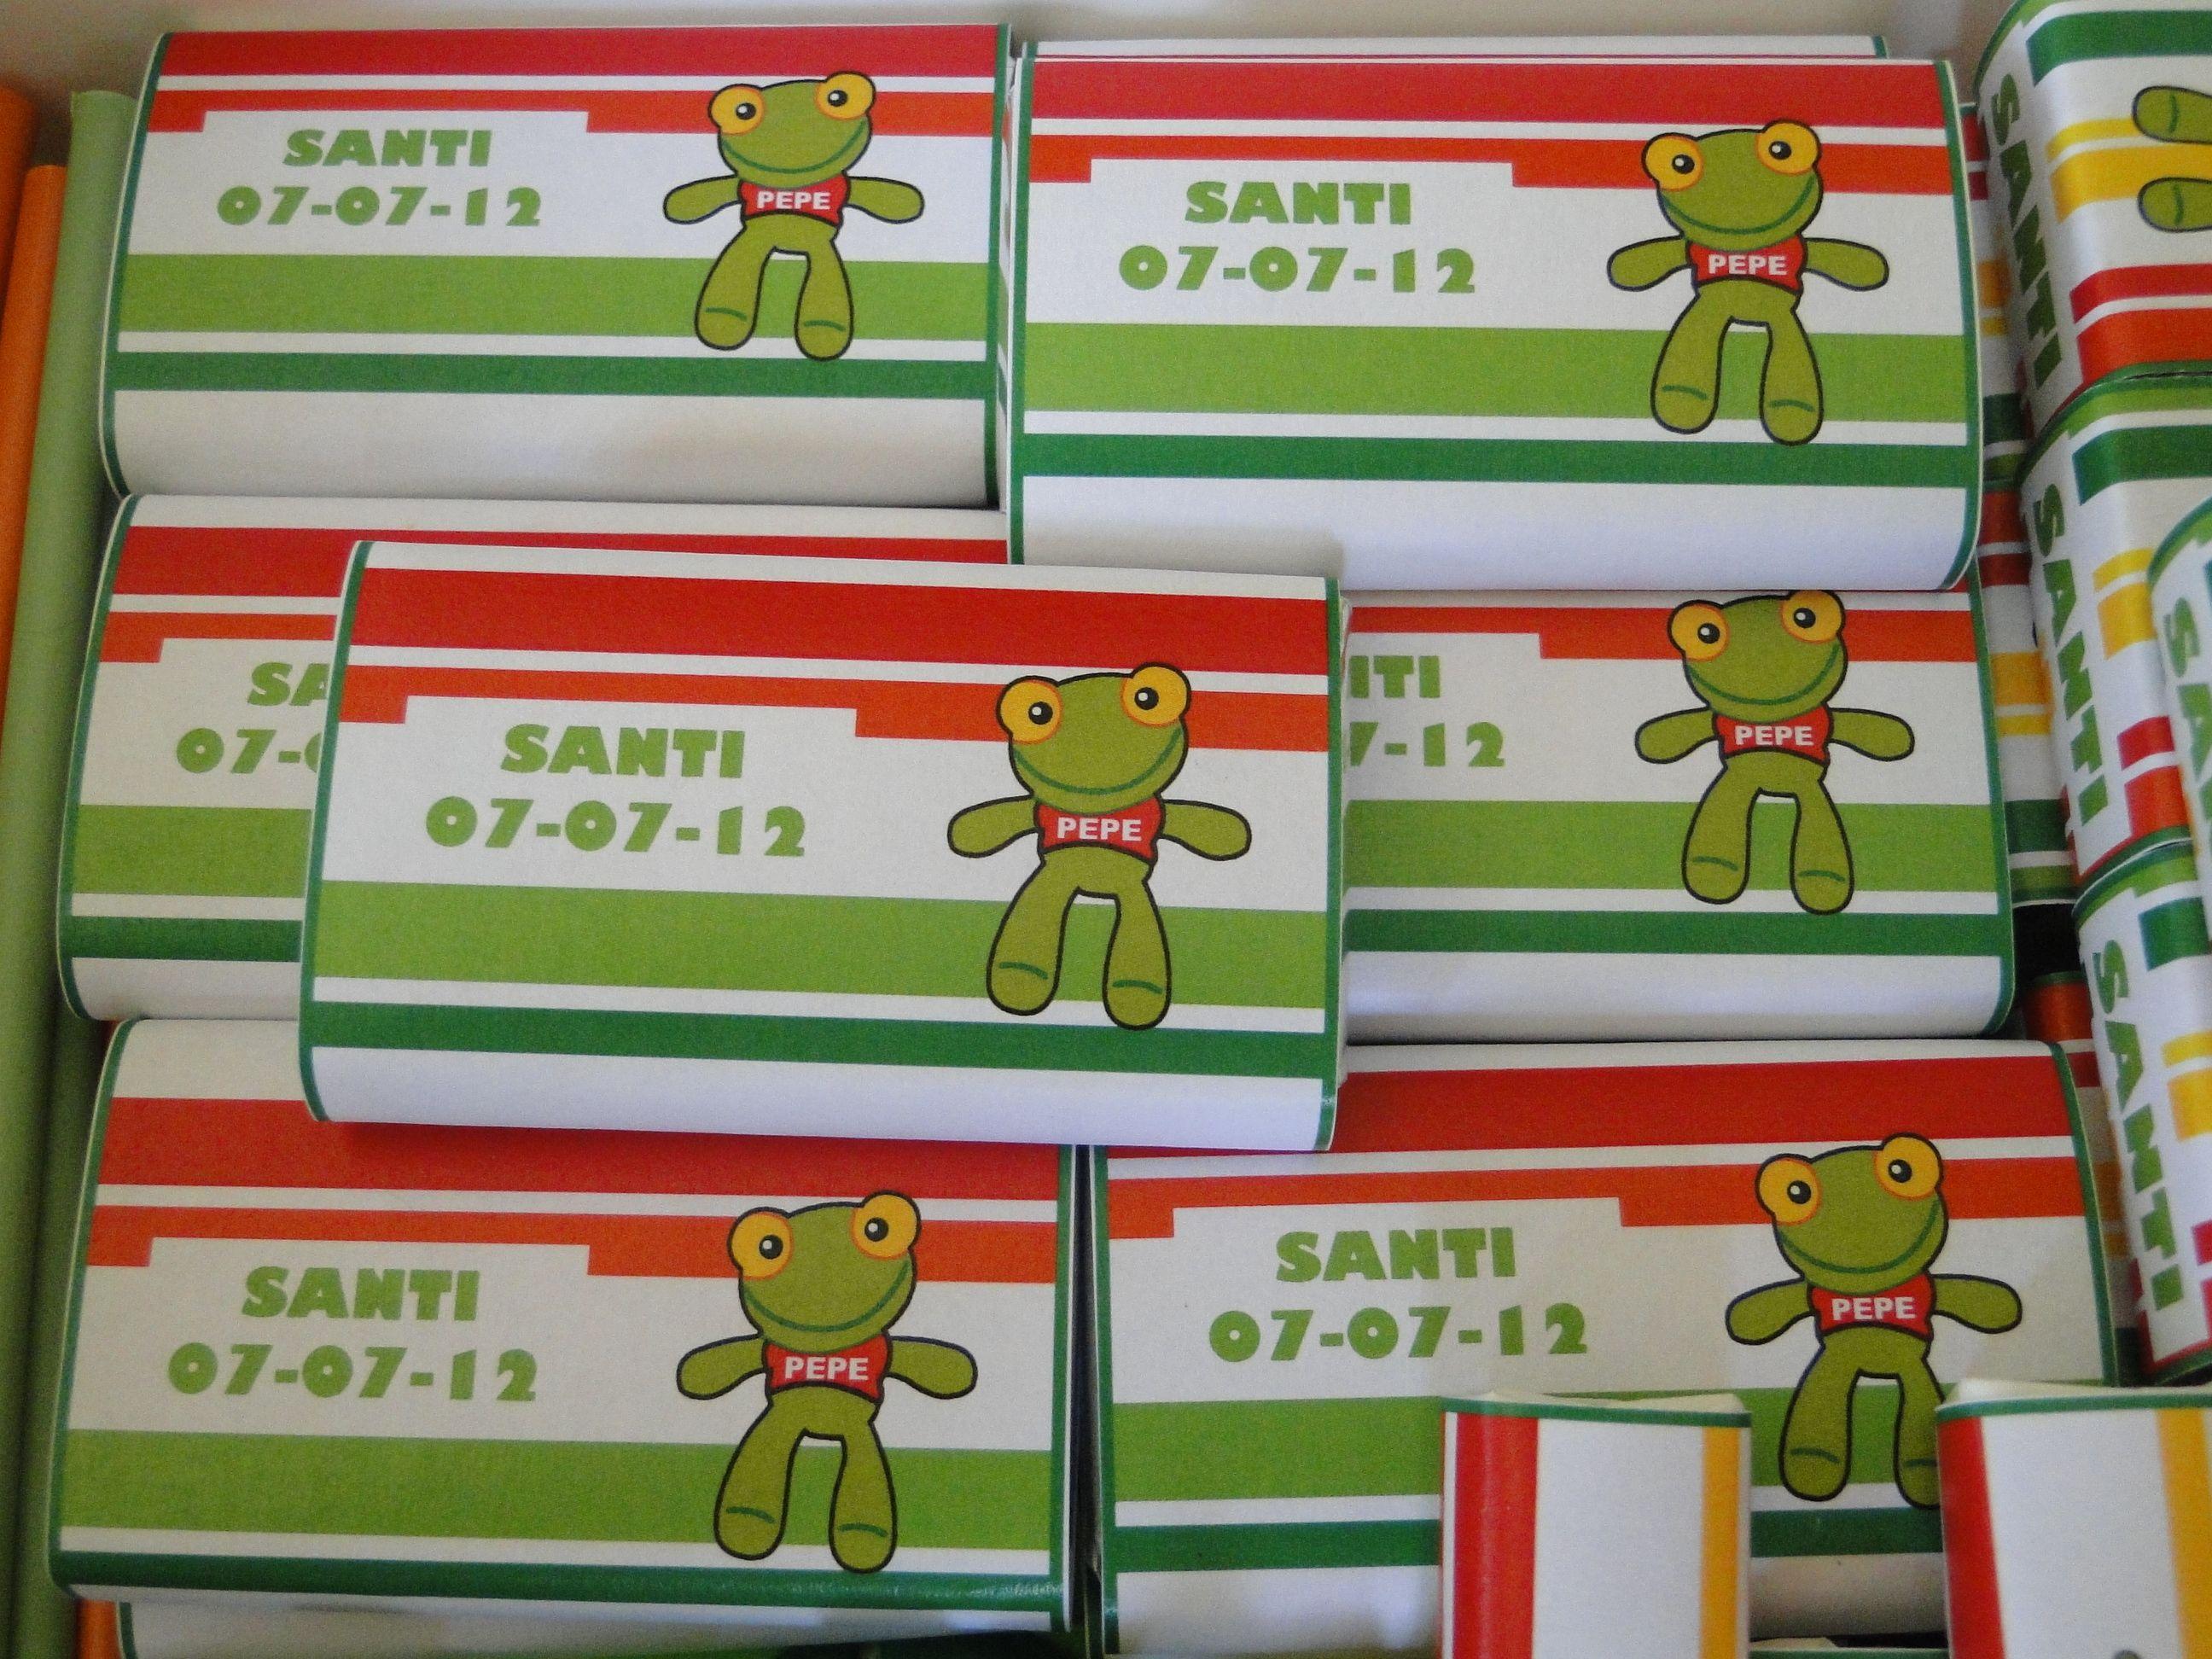 Para el cumpleaños de Santi preparamos una Party Box del Sapo Pepe con golosinas personalizadas (en este caso hicimos Marroc, Yapas y Chocolatines). También agregamos vasos, globos, sorvetes, piñata, mantel y servilletas. #LasMariasEventos